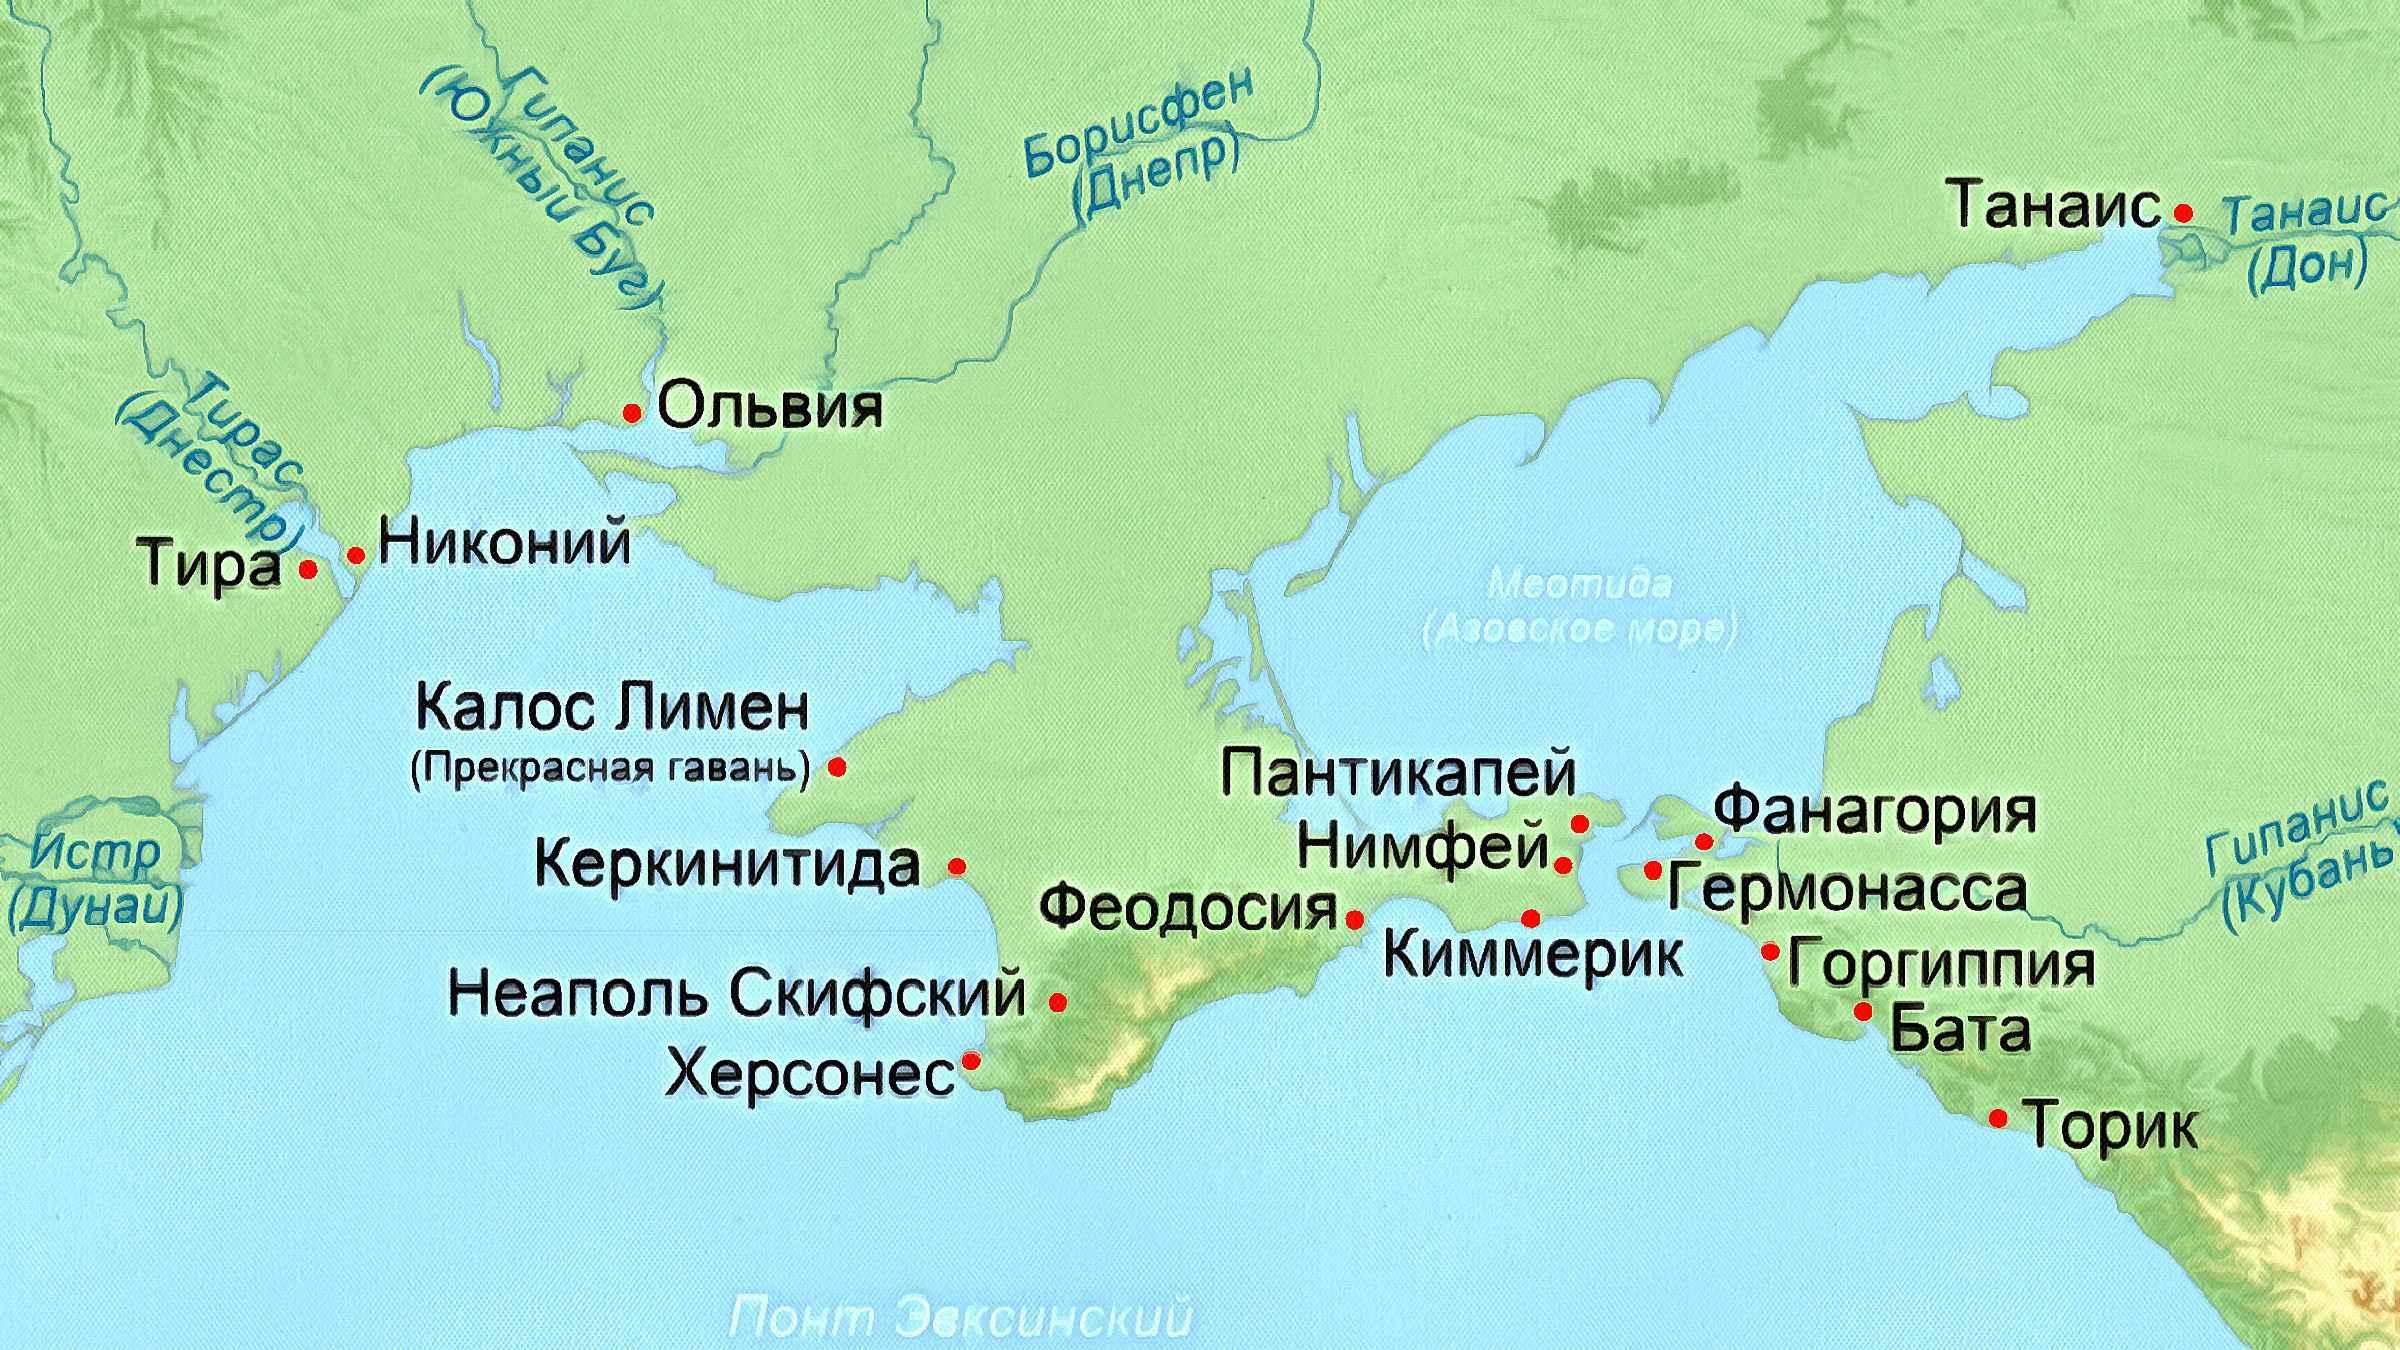 Азовское море. Карта греческих поселений. Меотида.